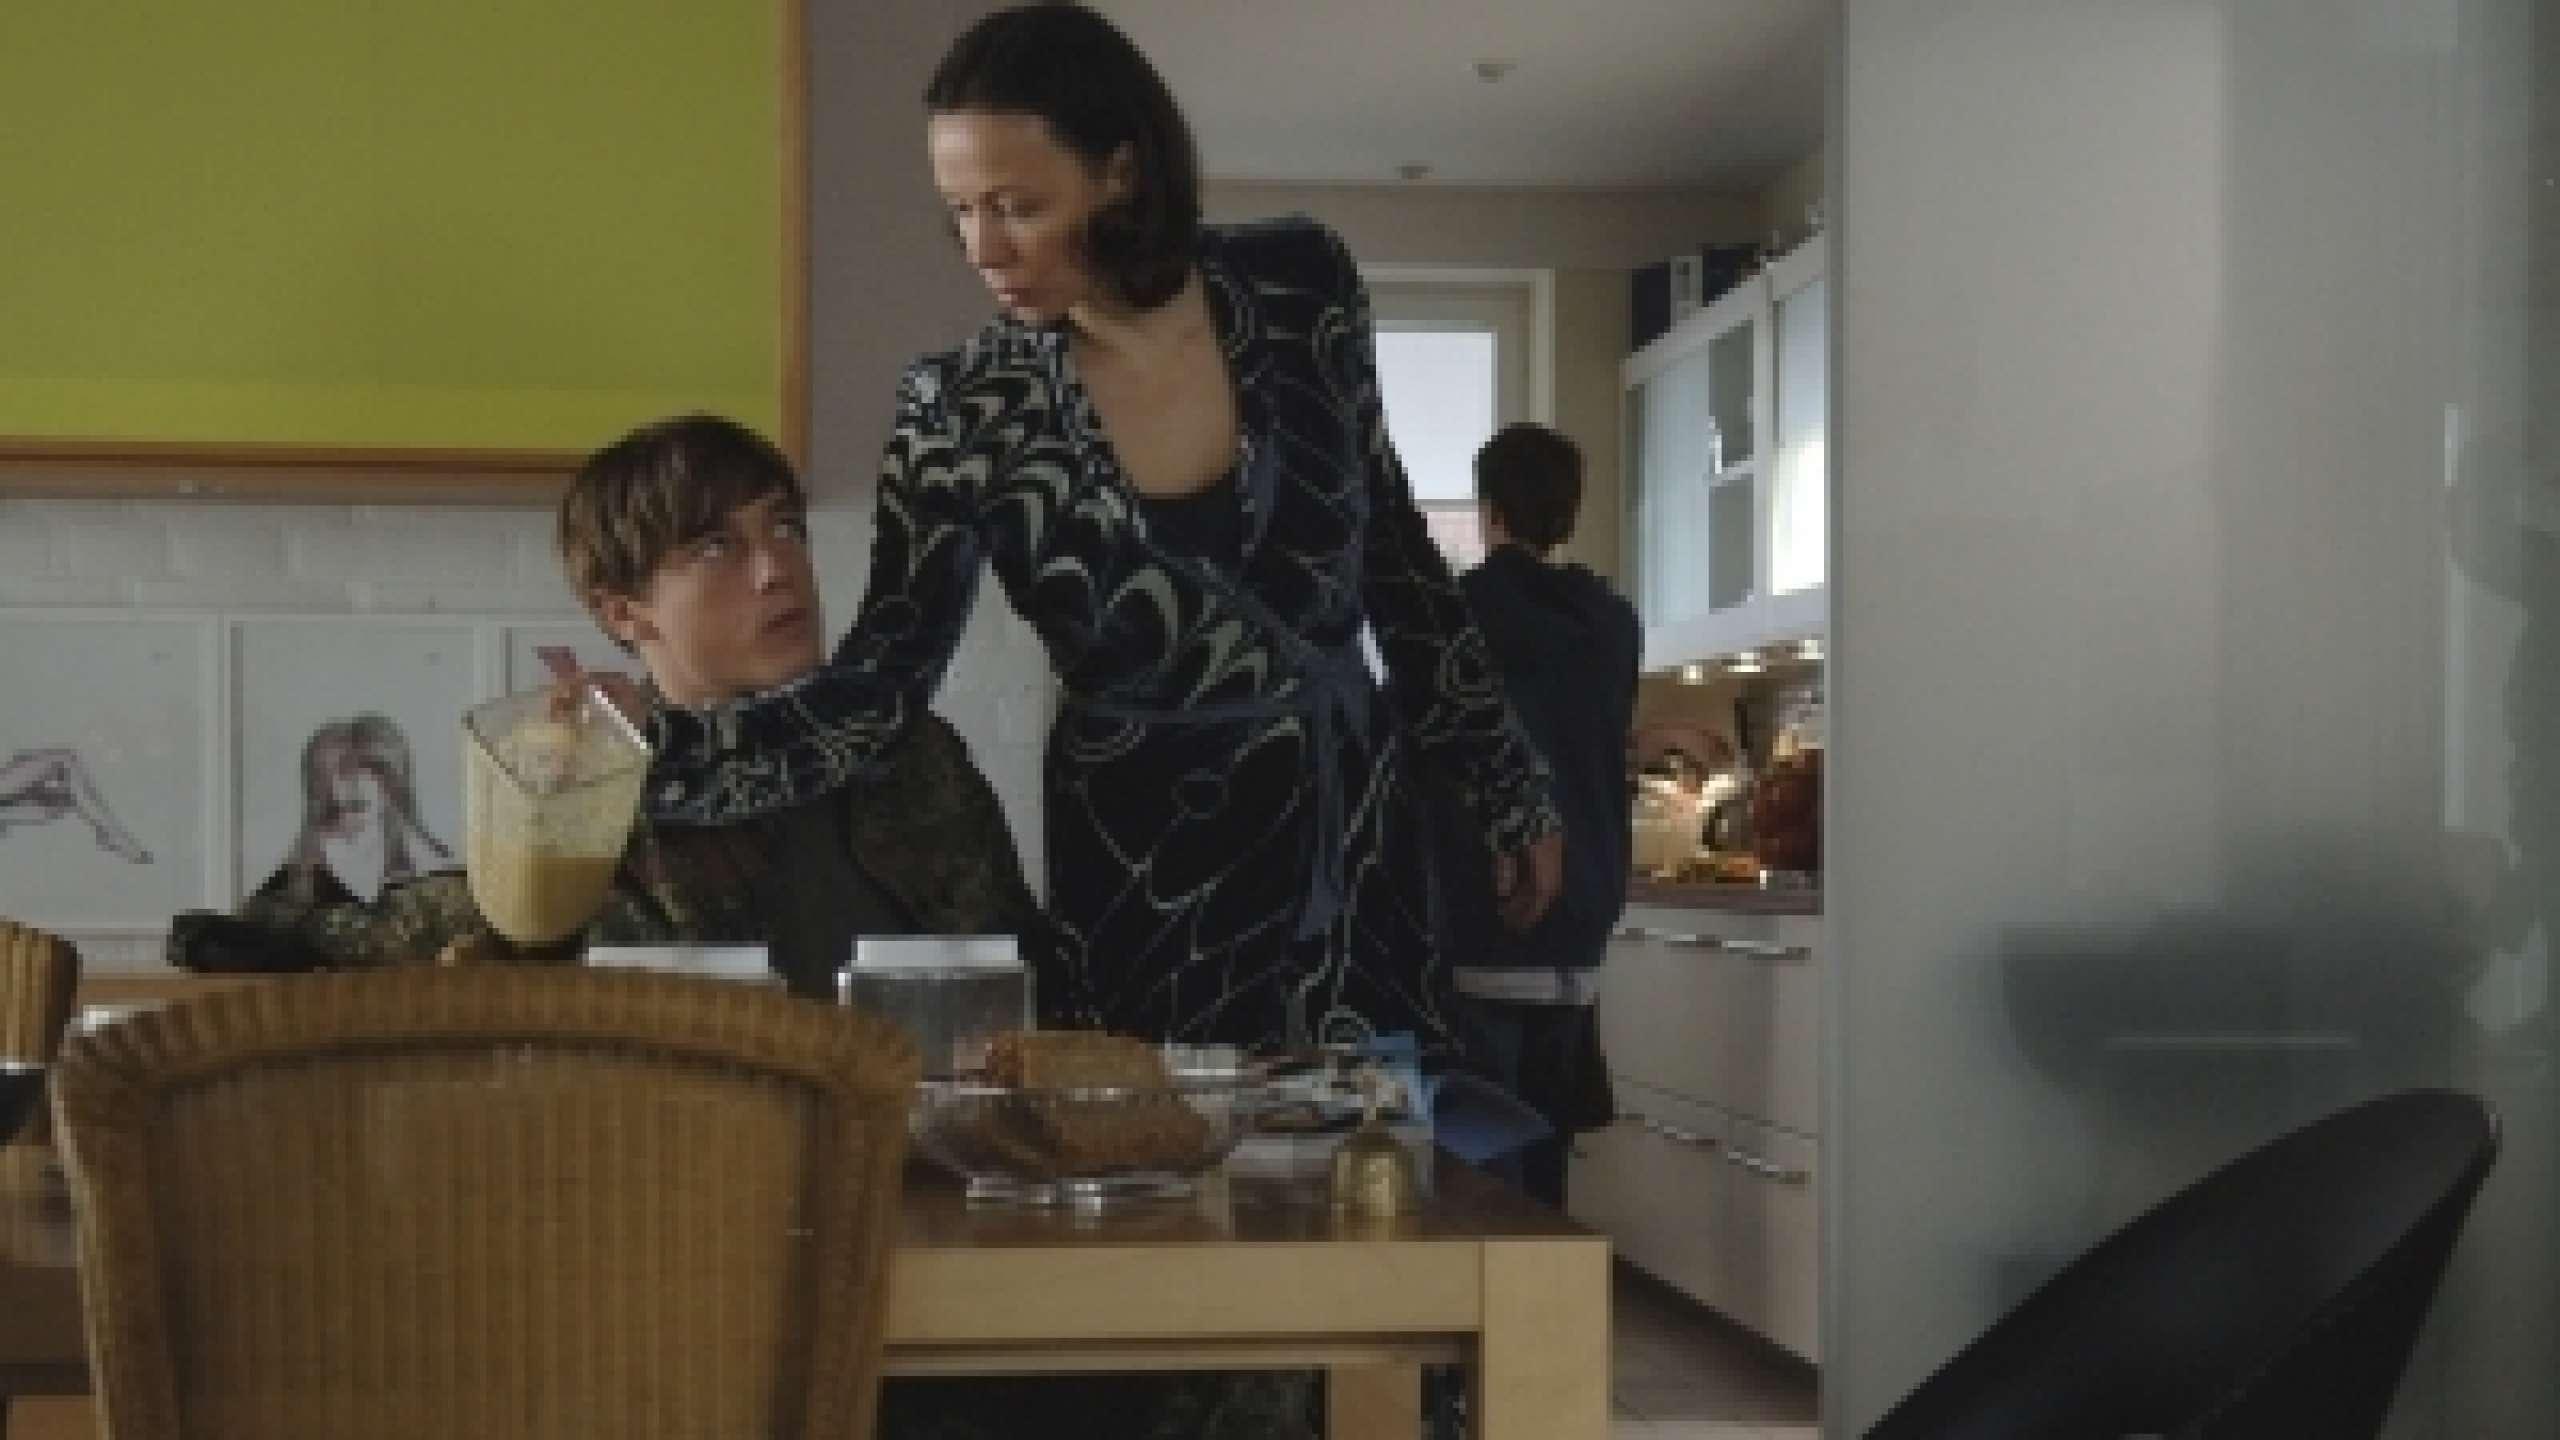 Das wahre leben film trailer kritik